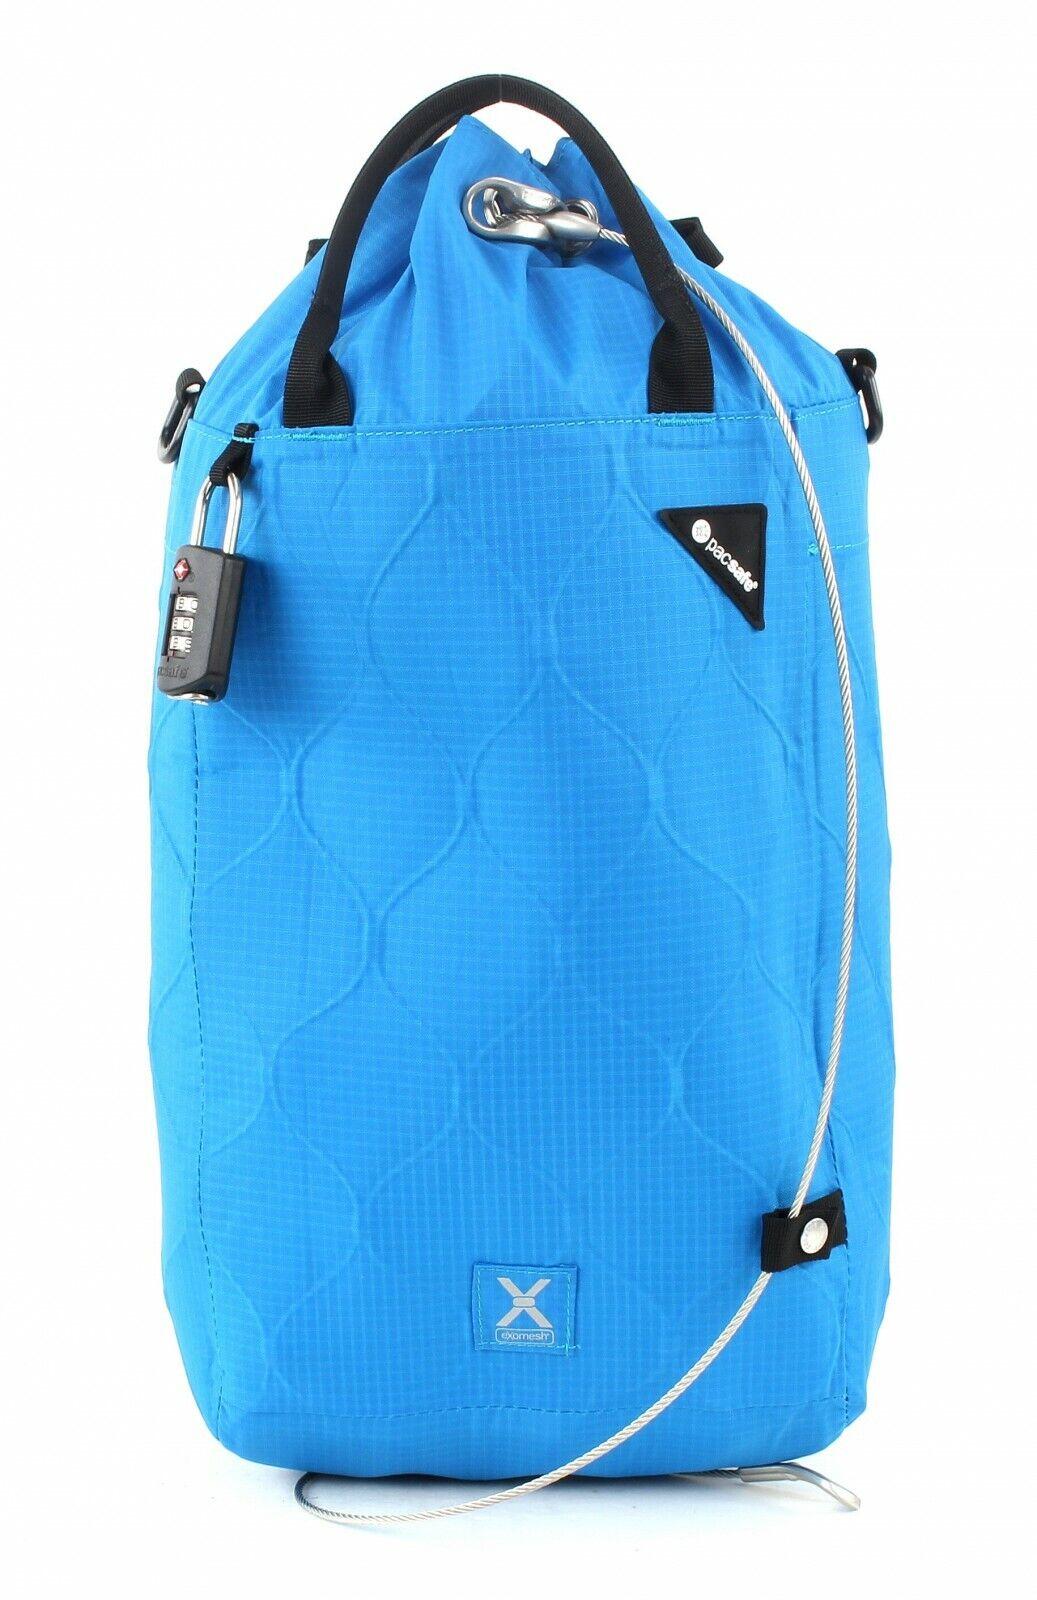 Pacsafe Borsa Da Viaggio voyagesafe X15 Anti-Theft portable Safe bleu